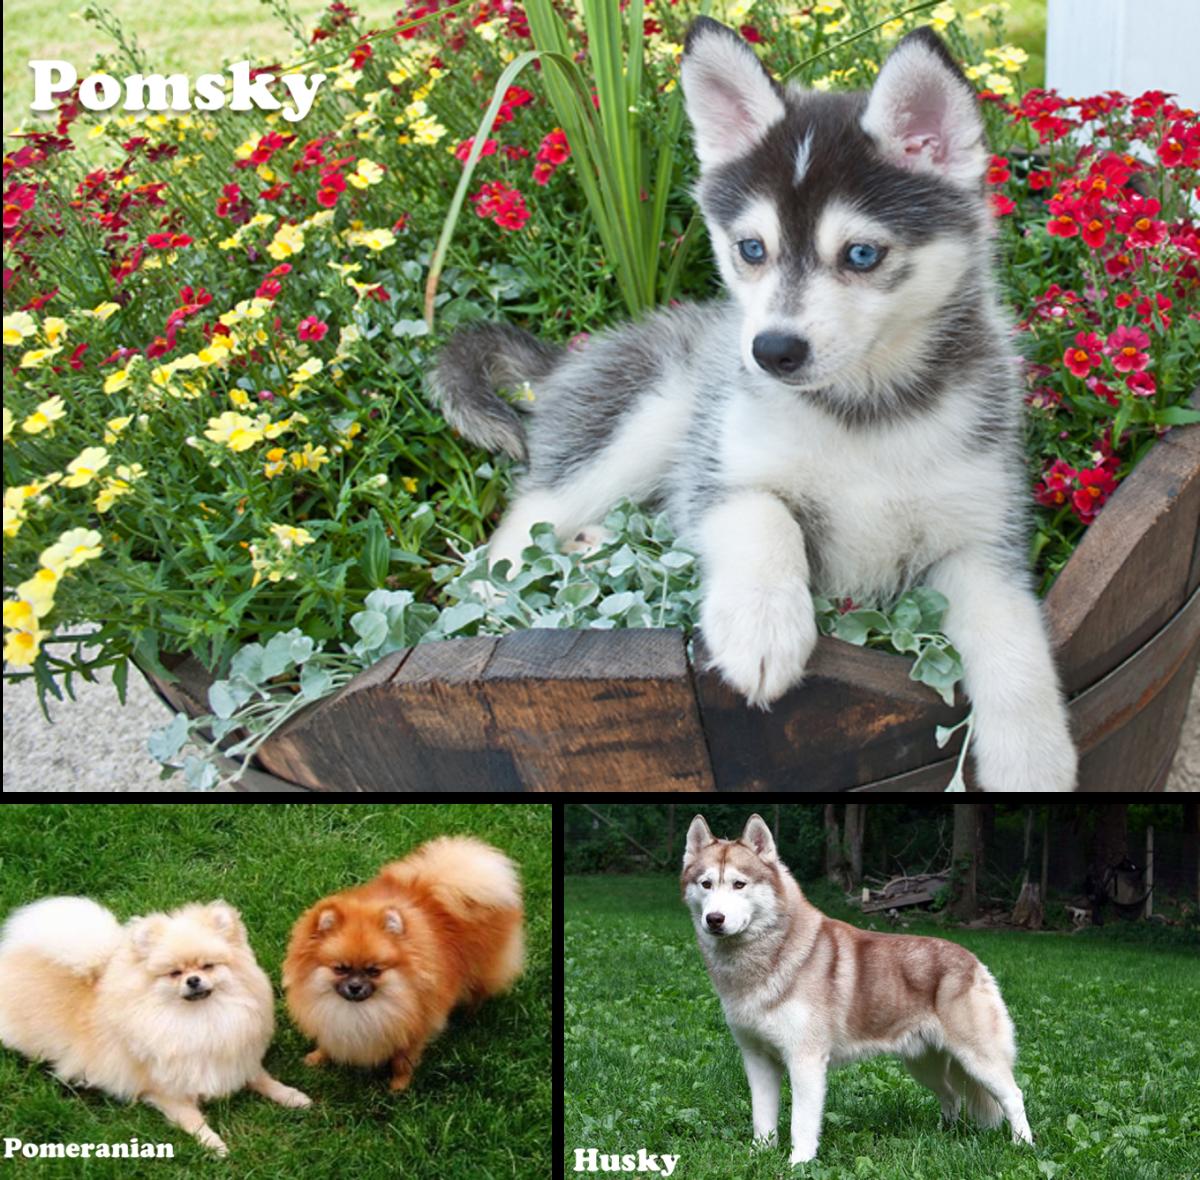 Pomsky/ or Pomskies (Pomeranian and husky mix)